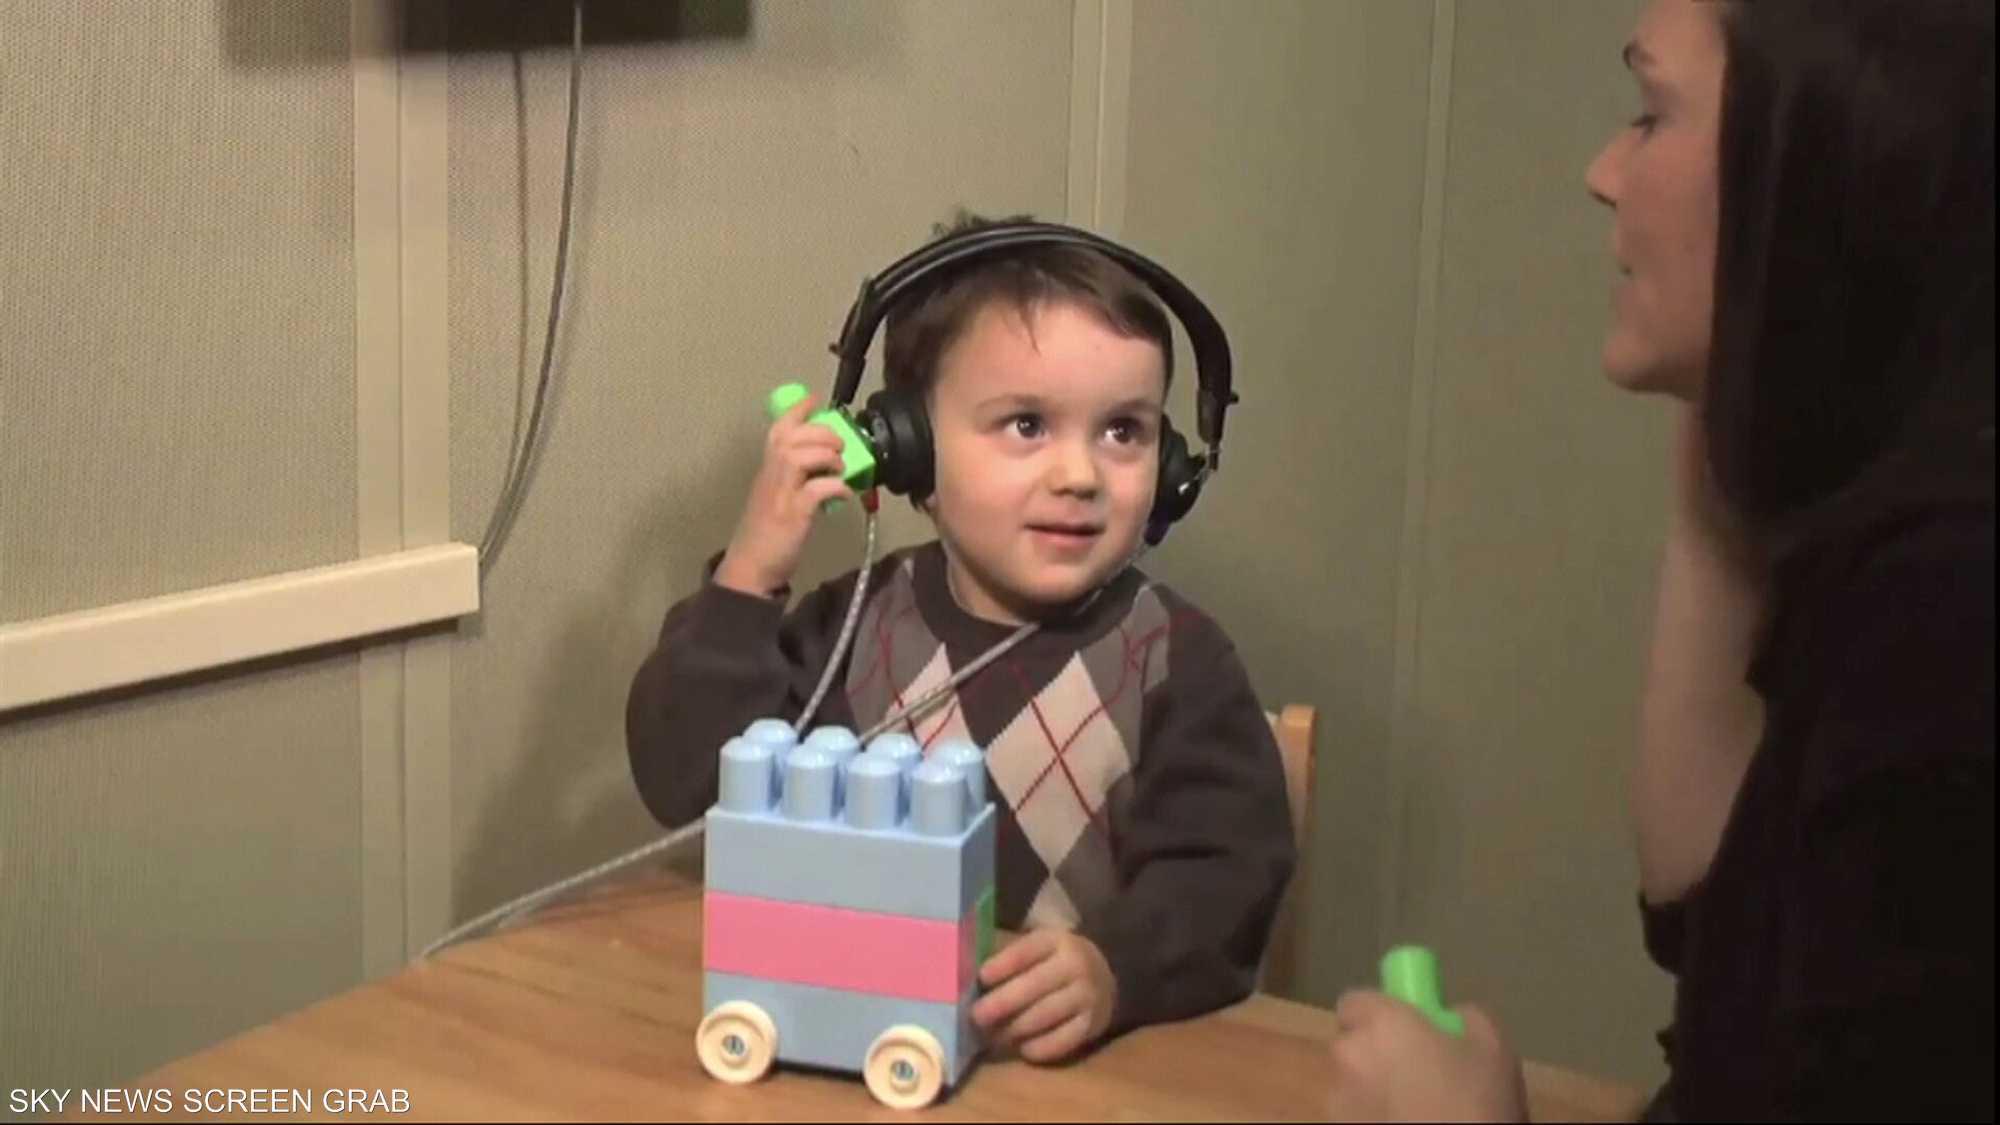 دراسة: اختبار السمع قد يكشف عن التوحد مبكرا